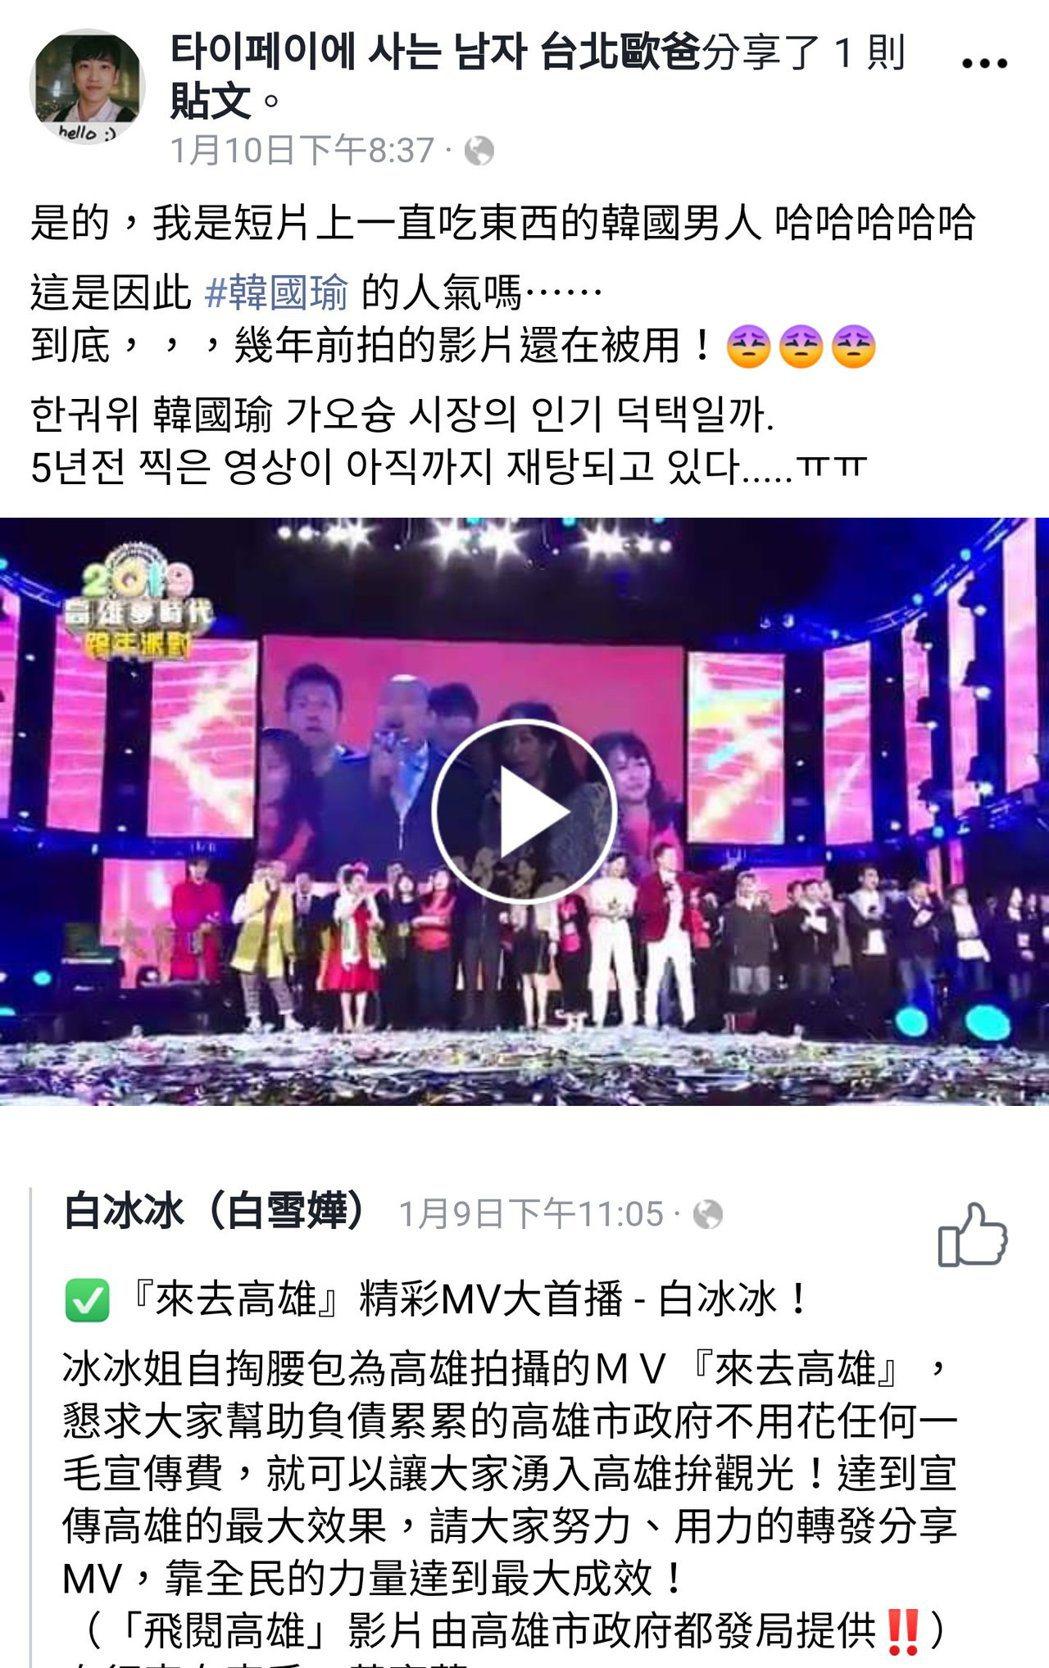 網友「台北歐巴」的影片畫面出現在「來去高雄」MV中。 圖/擷自타이페이에 사는 ...